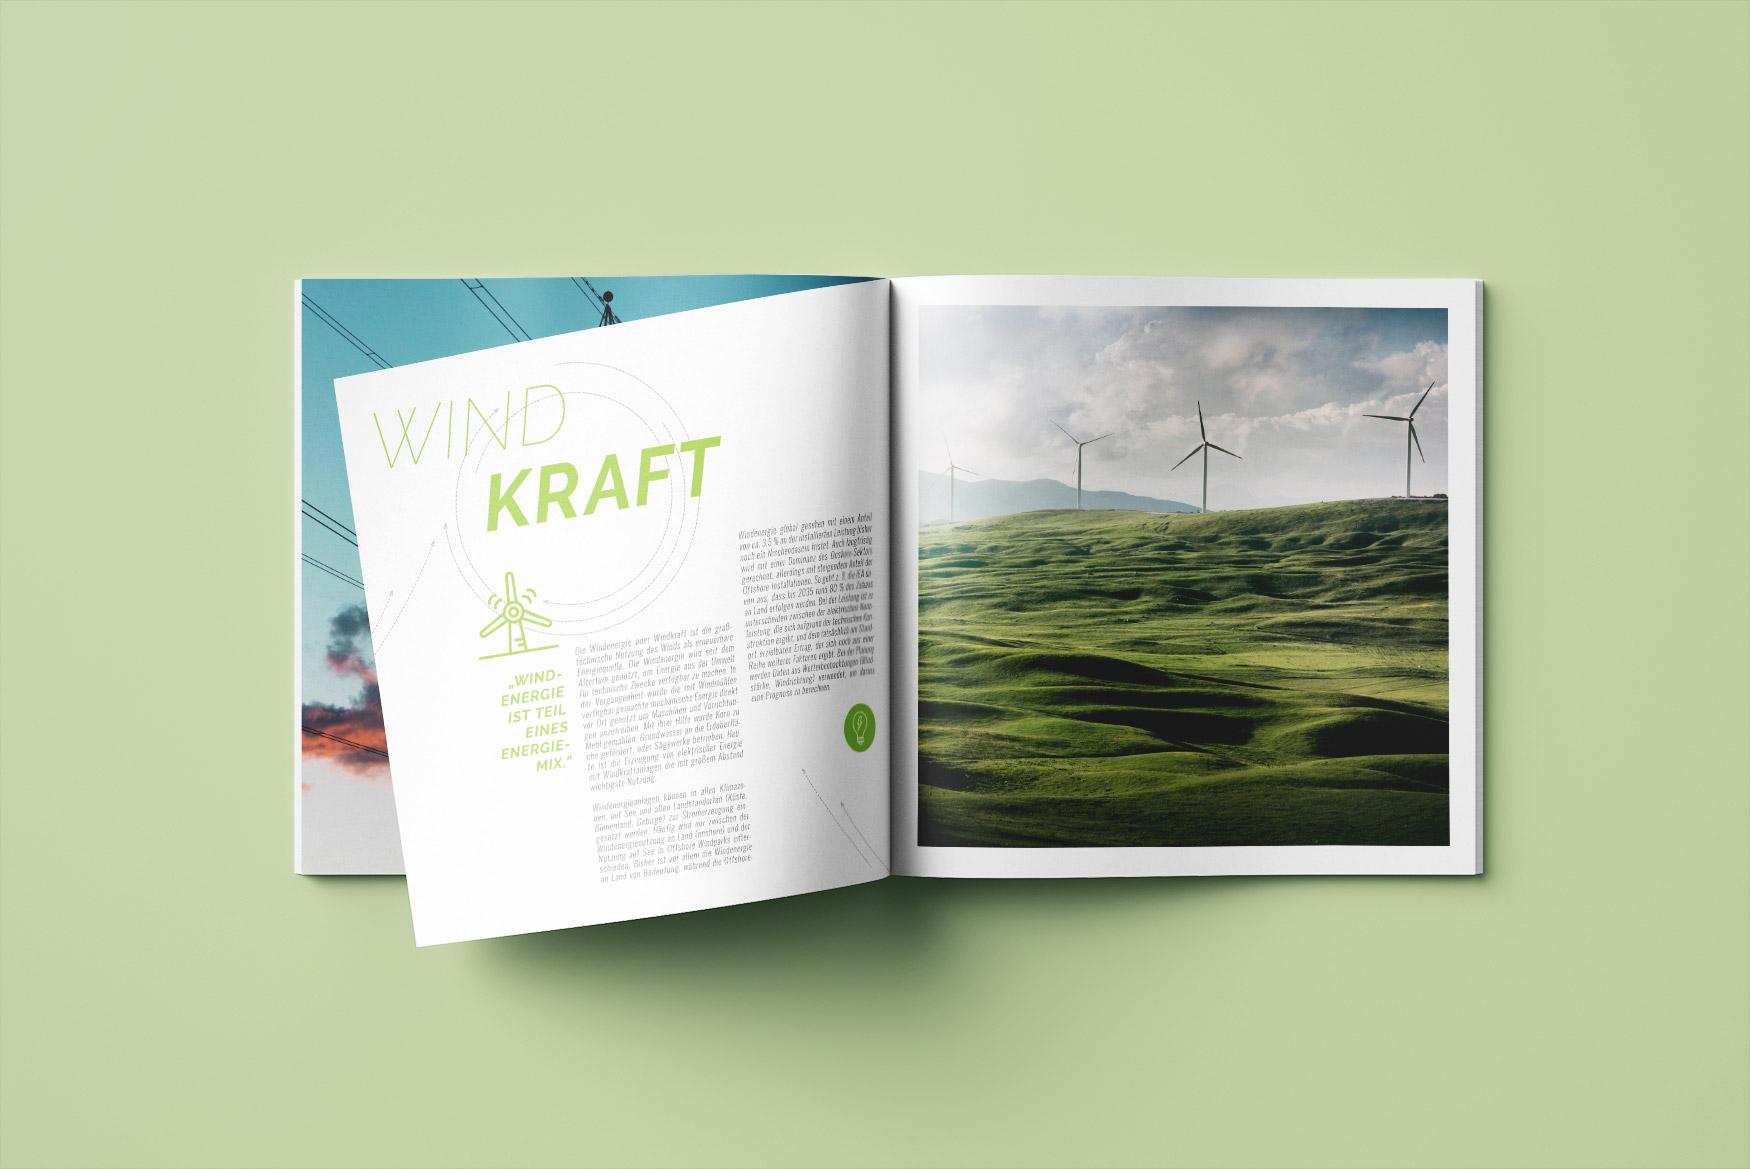 Editorial-Design-Broschuere-Stadtwerke-3-Designagentur-Stuttgart-Kreativbetrieb